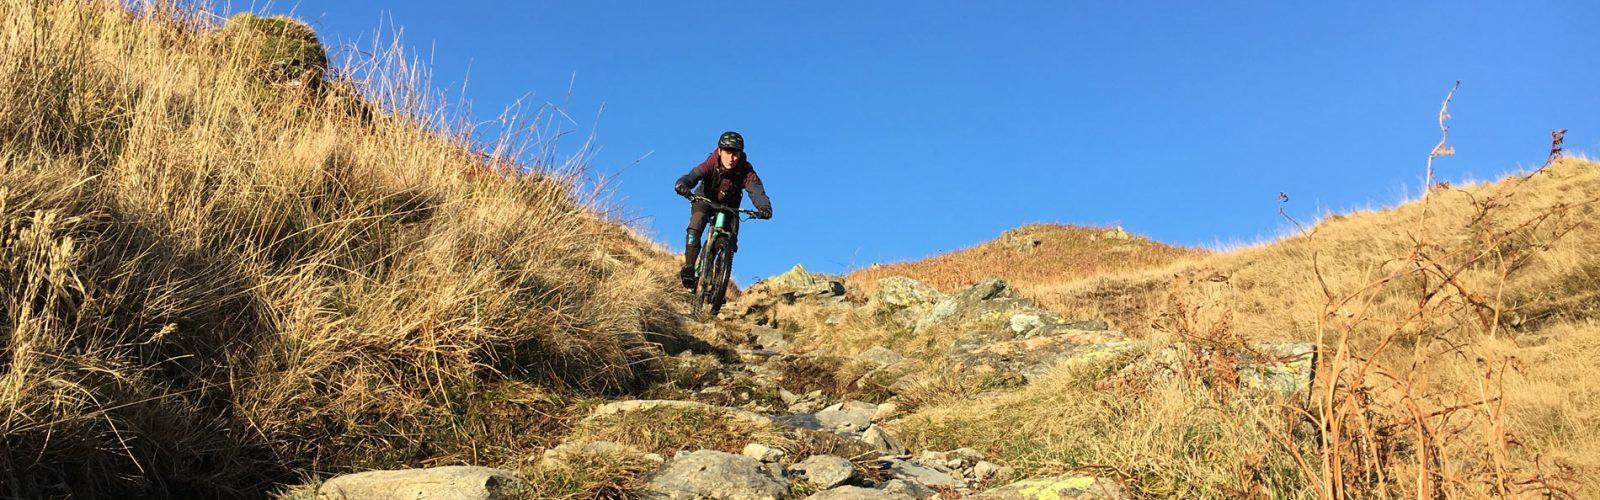 Lake-district-mountain-biking